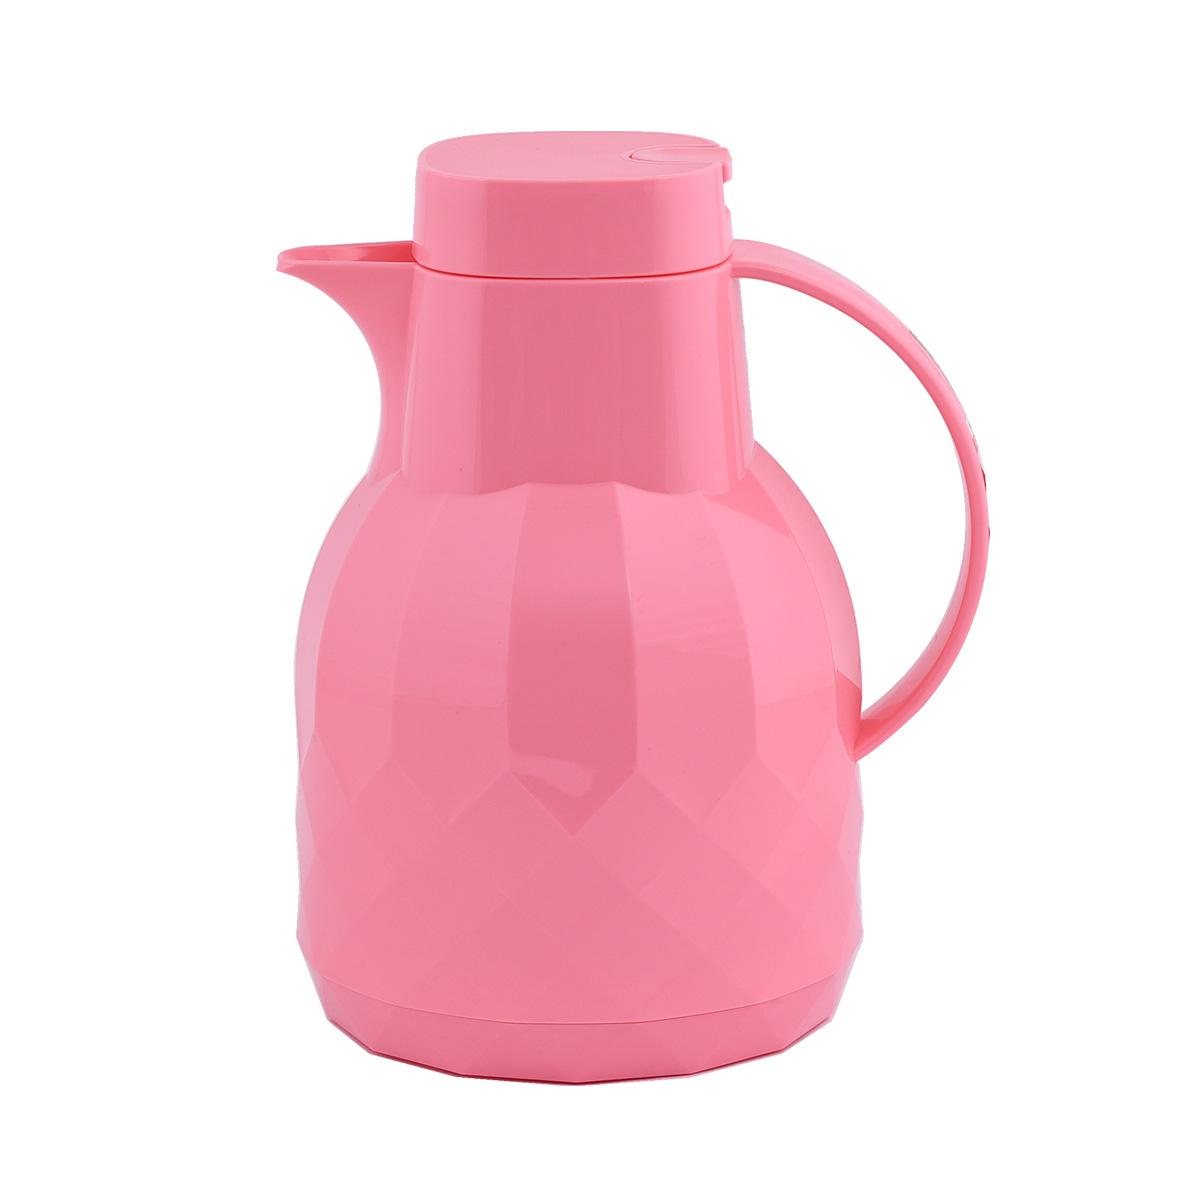 ترمس شاي وقهوة مور تايم  - 1 لتر - متعدد الالوان - موديل 30035